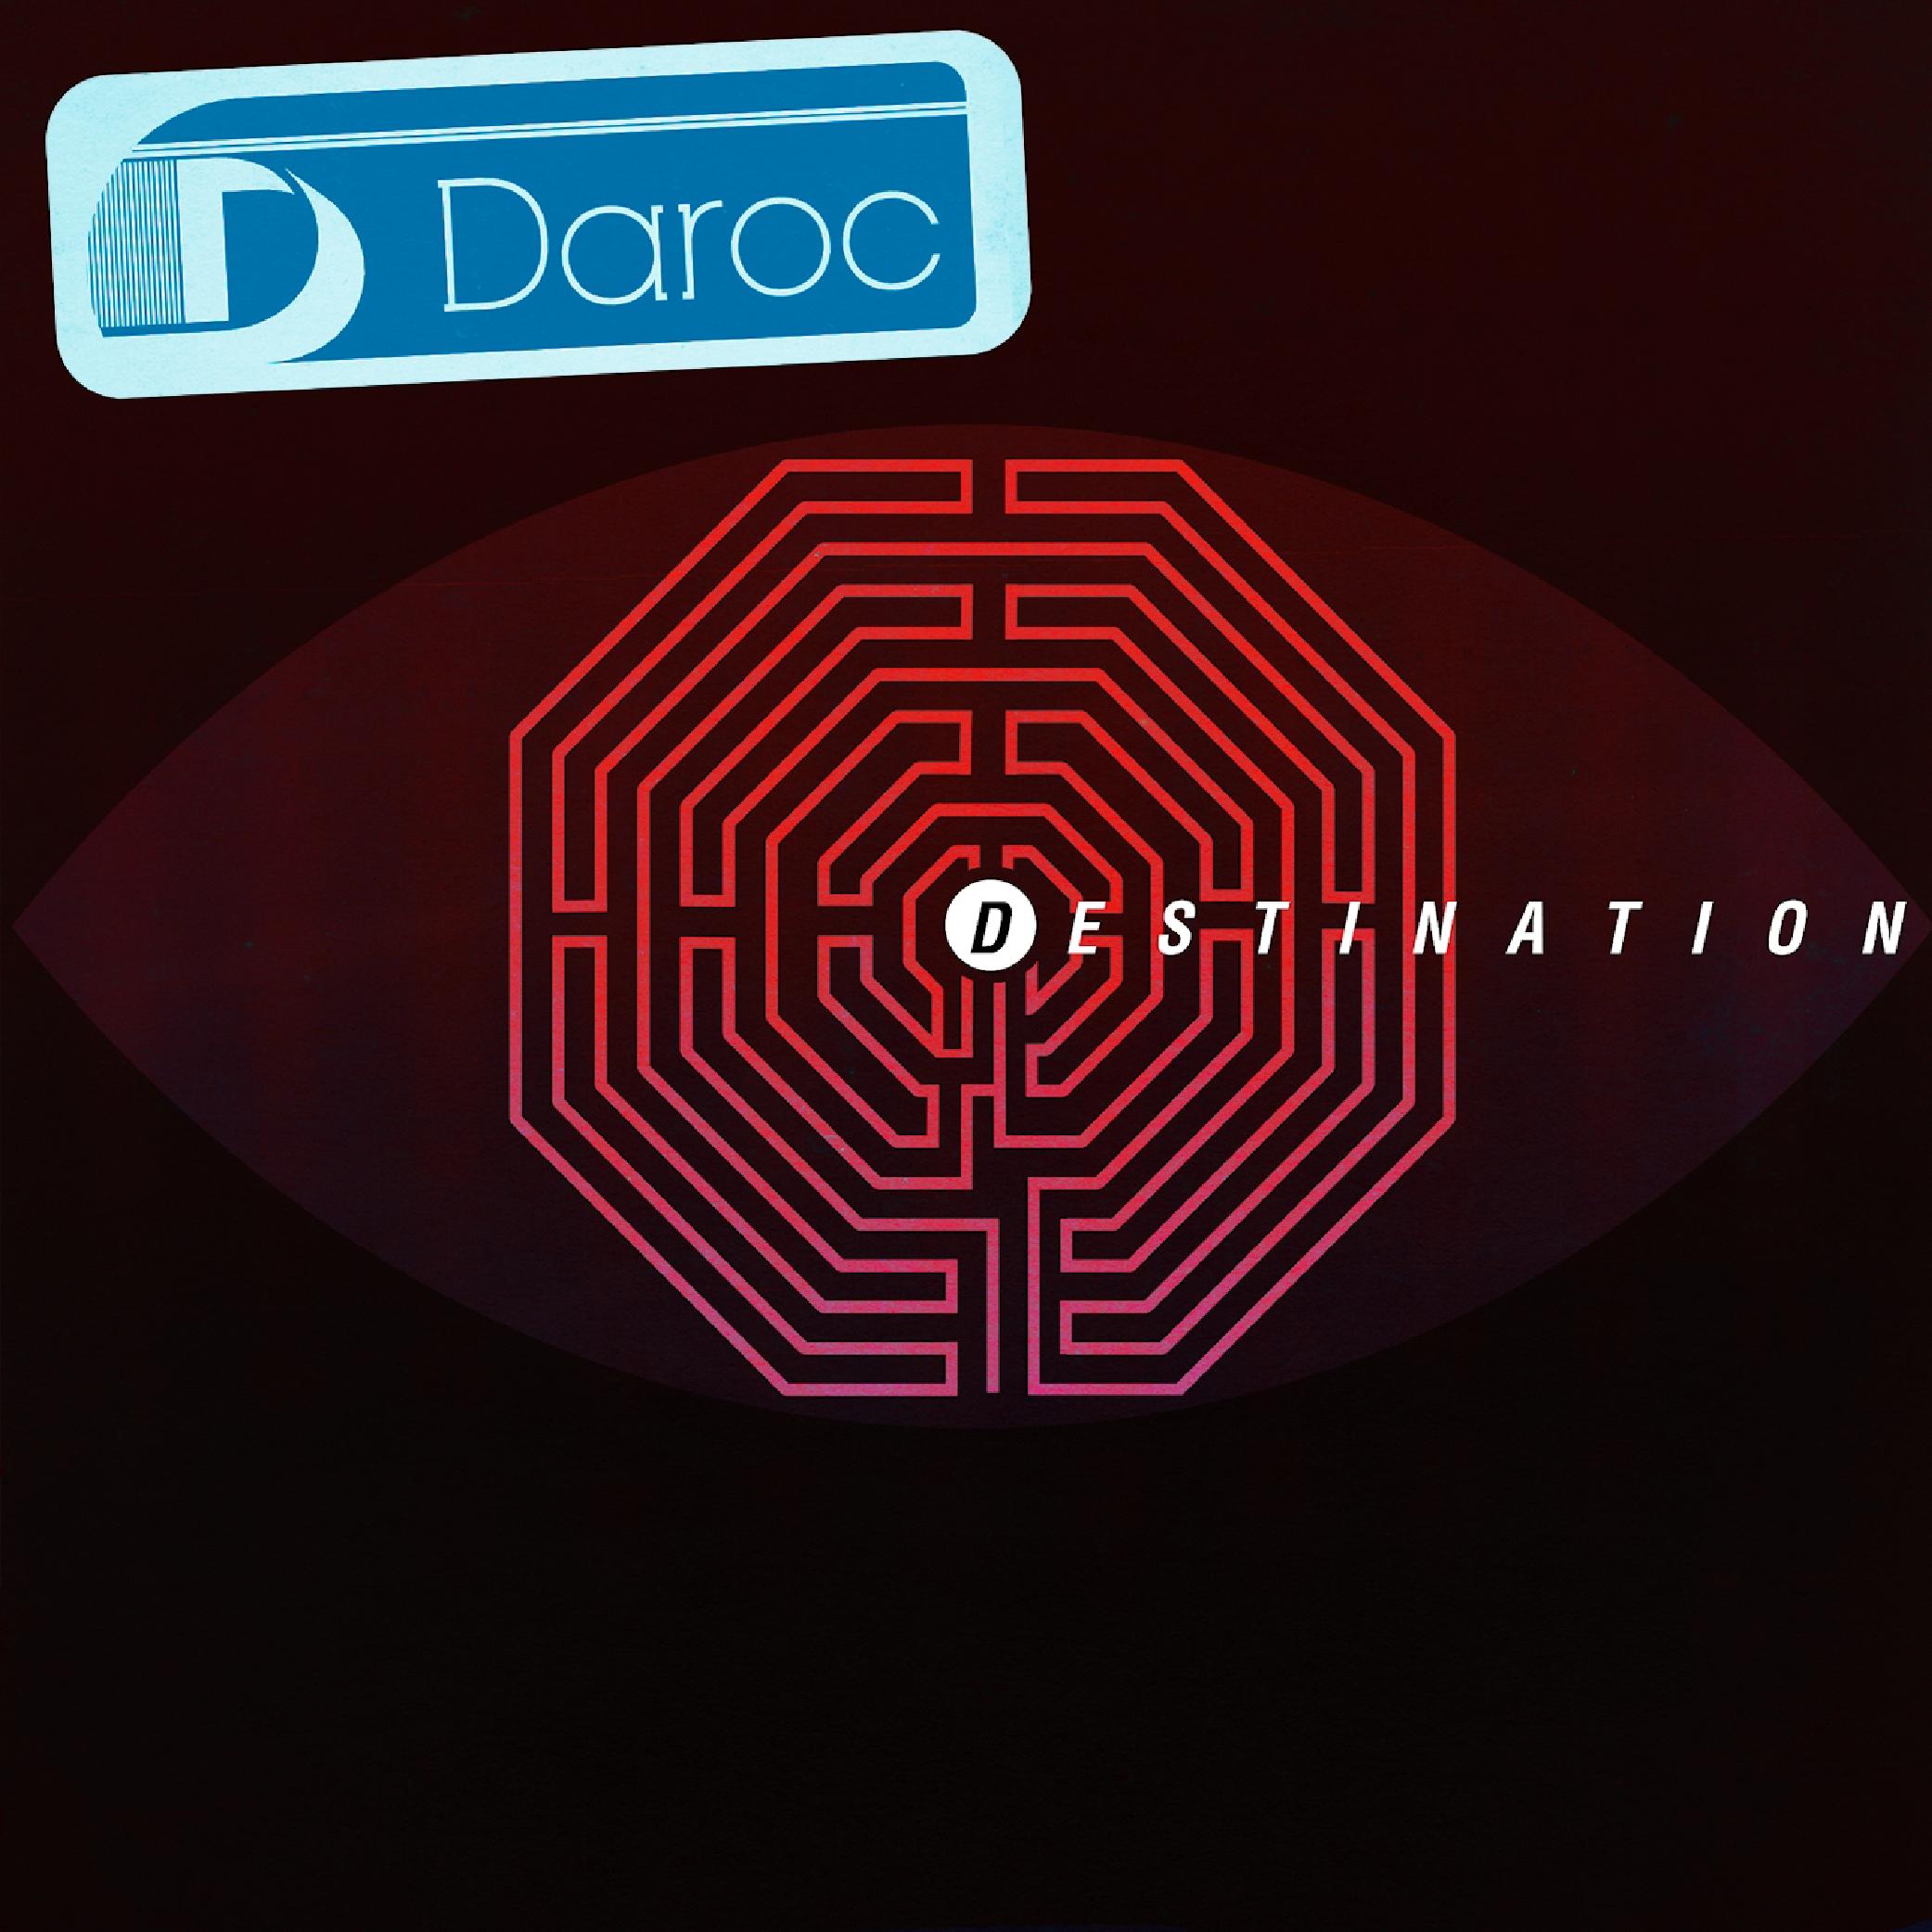 Daroc - Destination